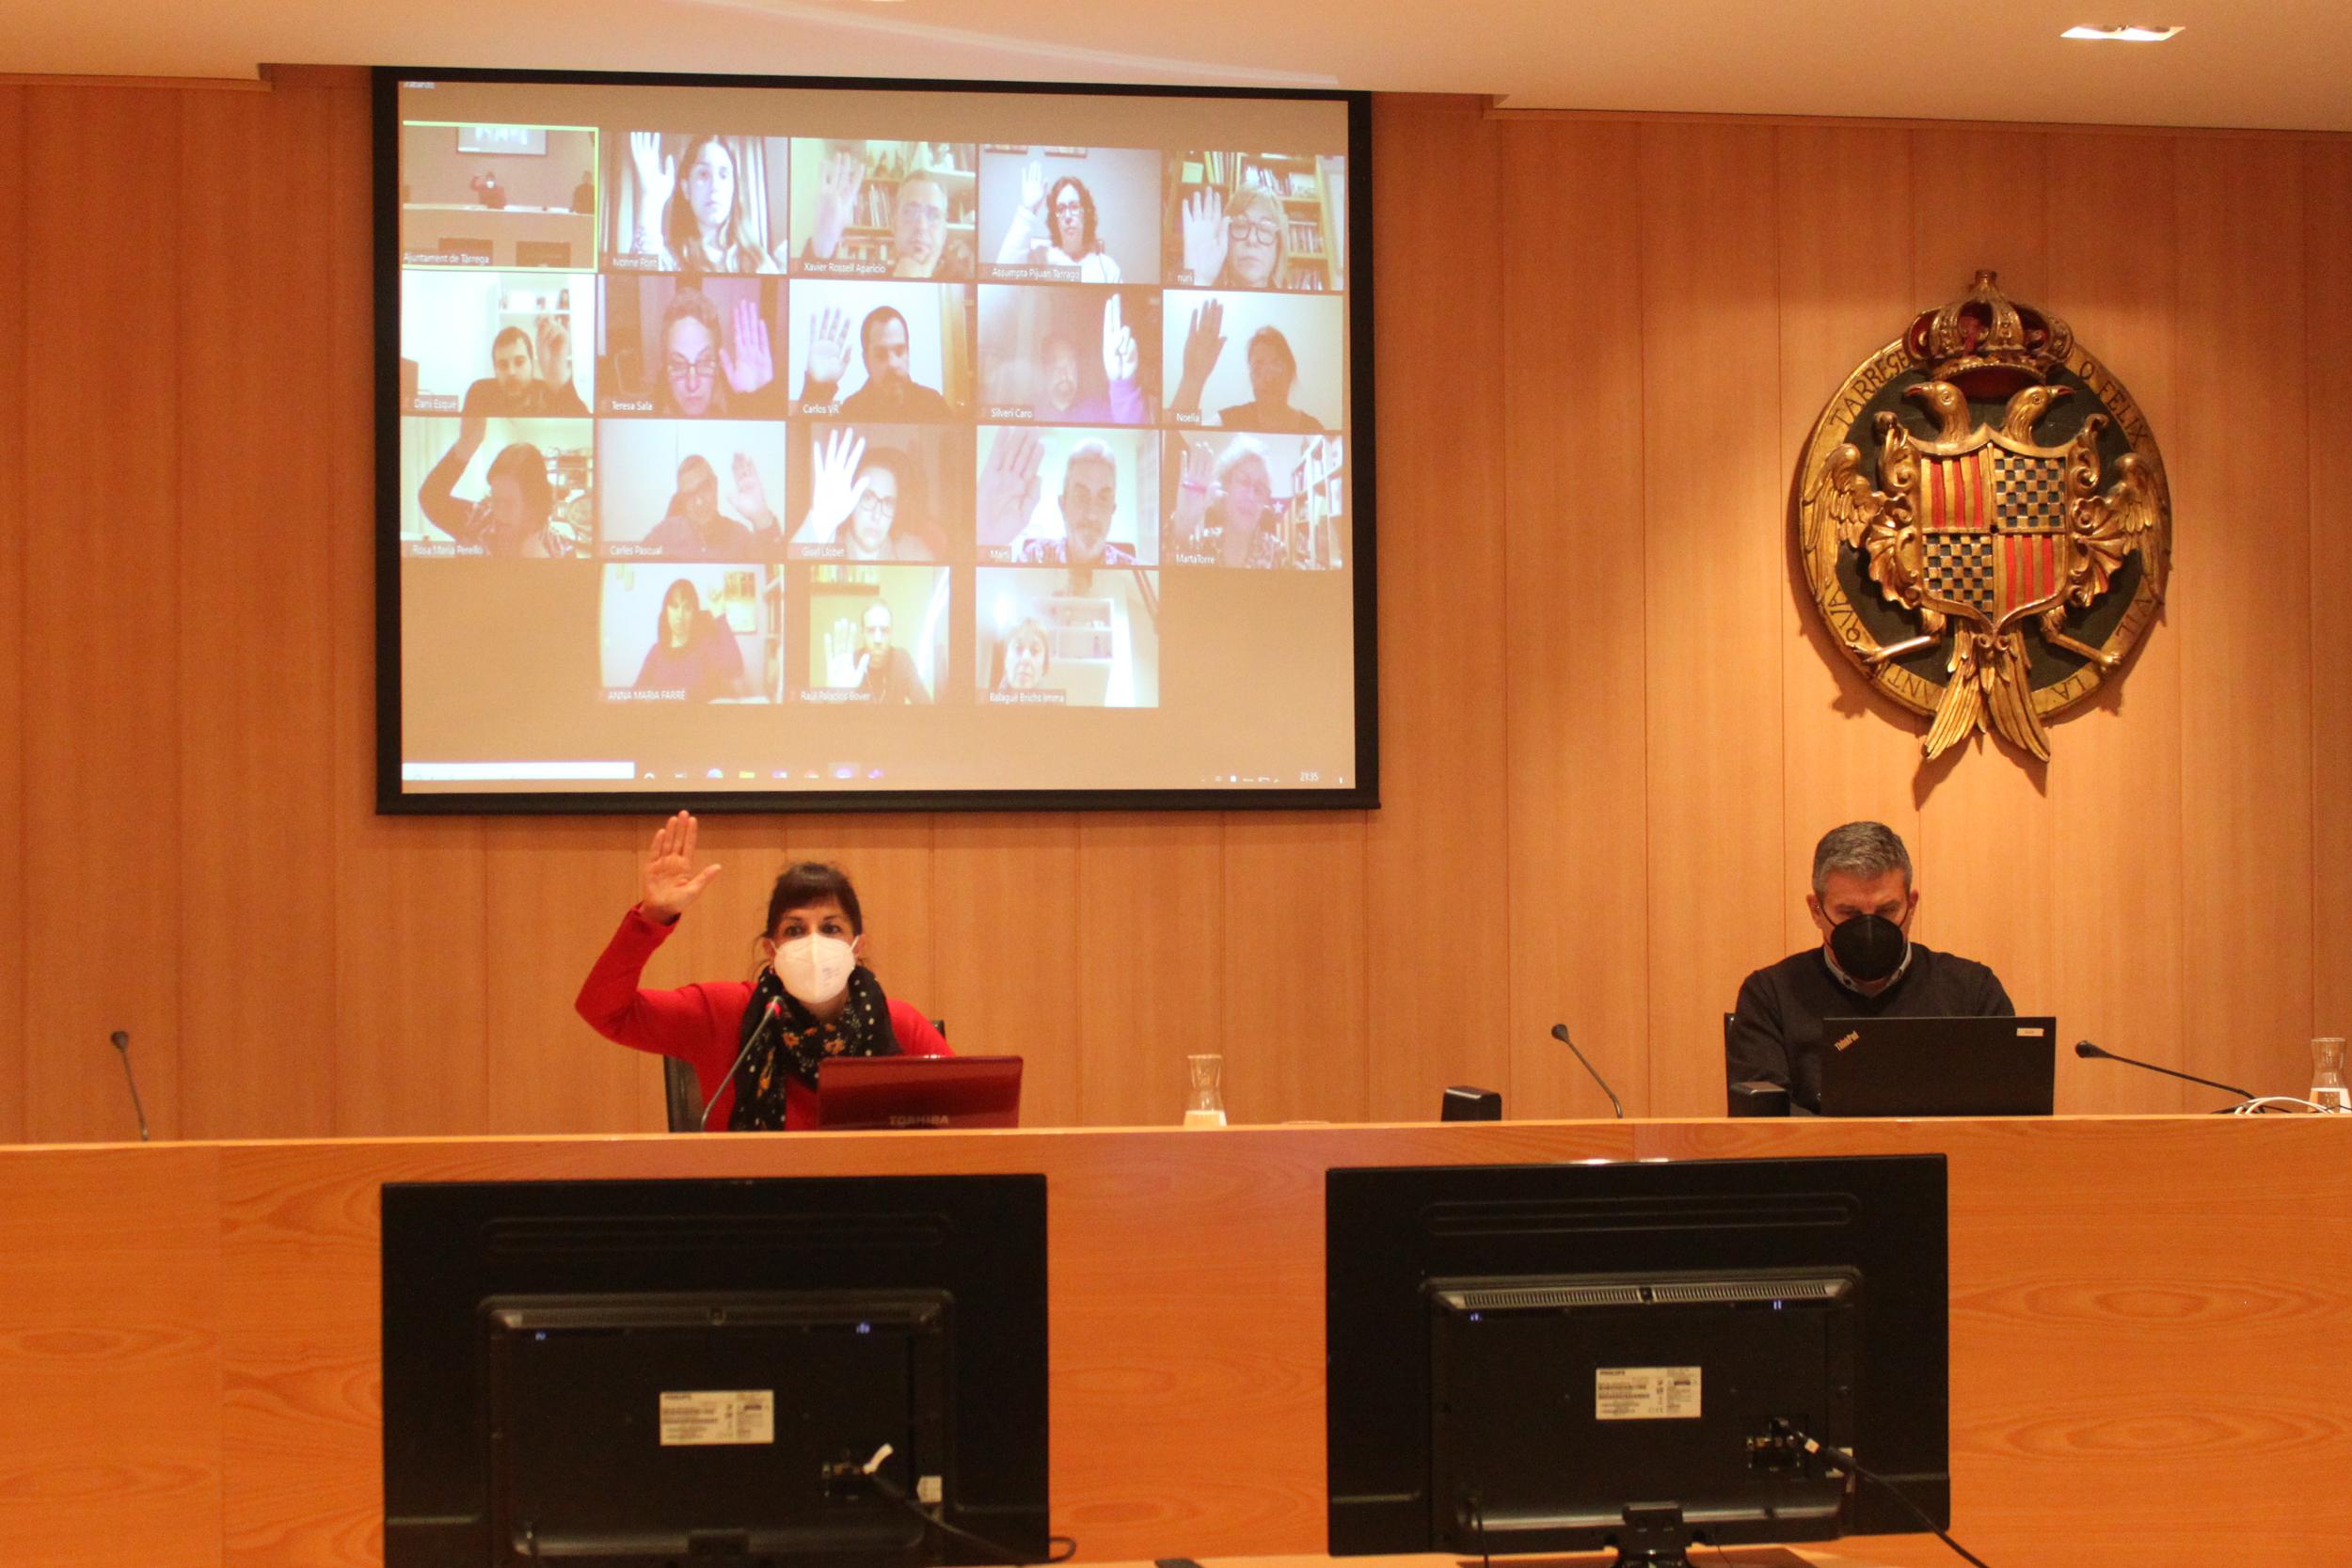 El Ple de Tàrrega aprova per unanimitat el canvi de nom del carrer d'Alfons XII per dedicar-lo a l'activista cultural i locutora Pilarín Minguell Pont